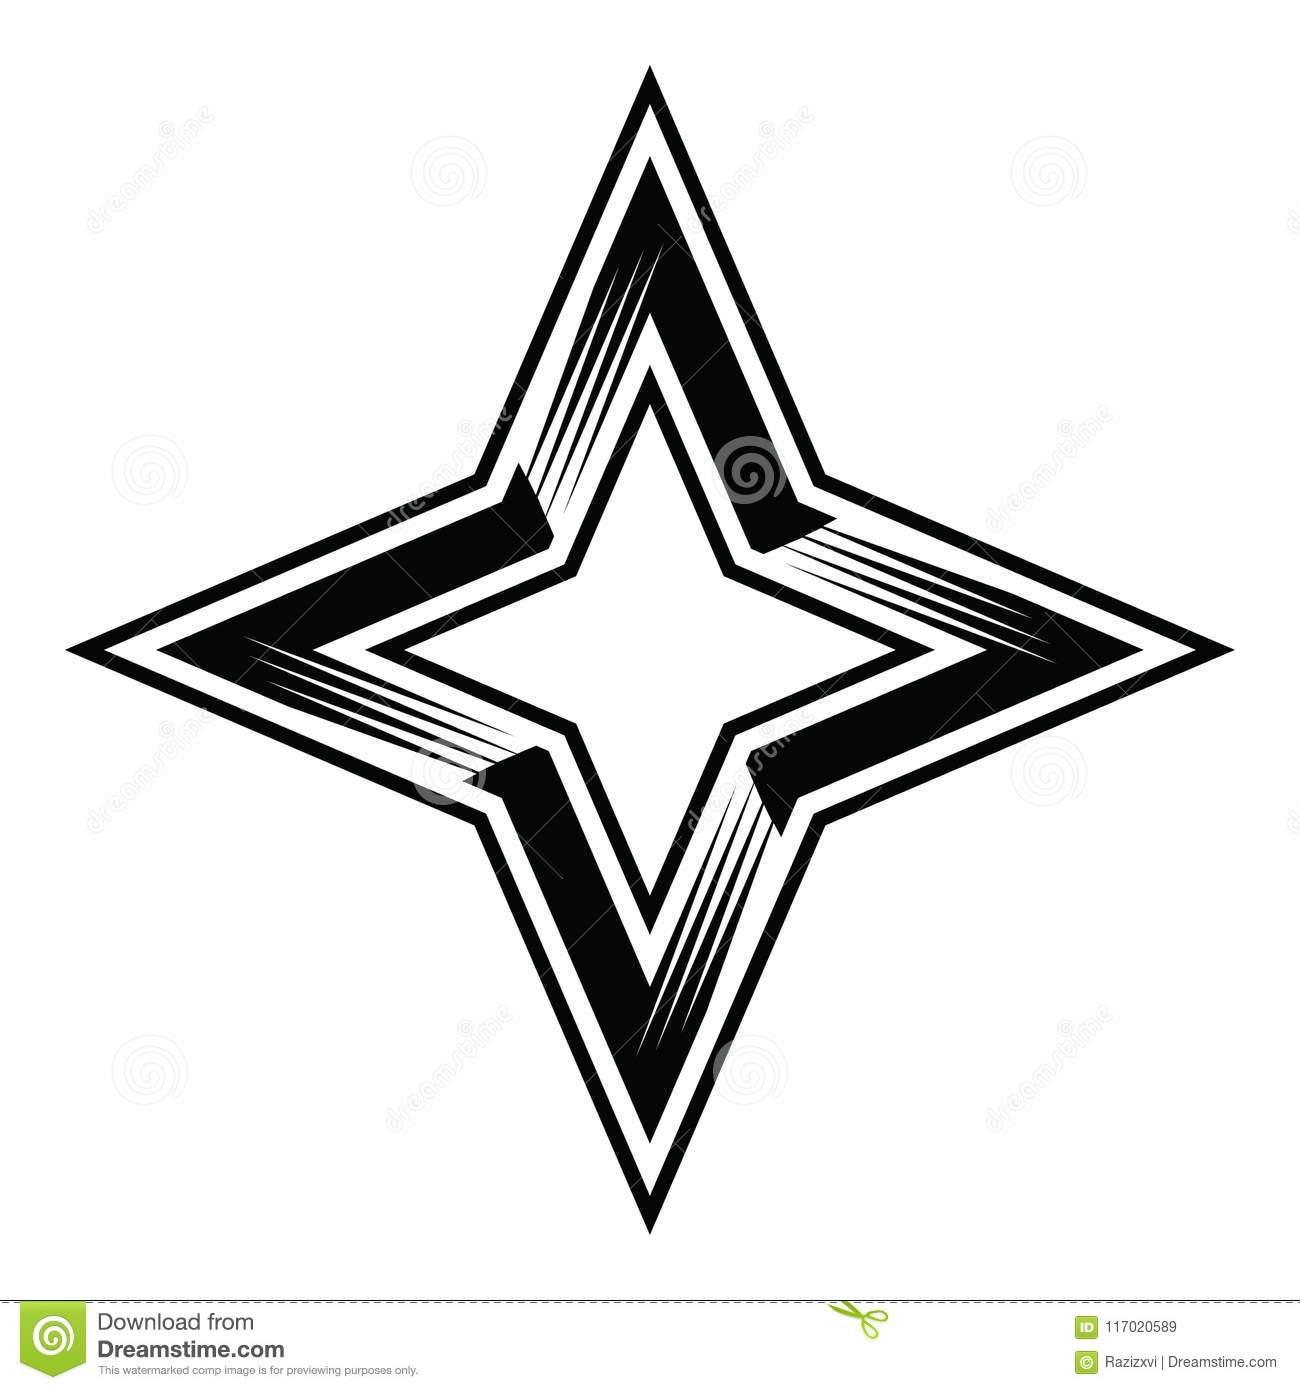 Four Point Star Clipart Vector Stock Vector.